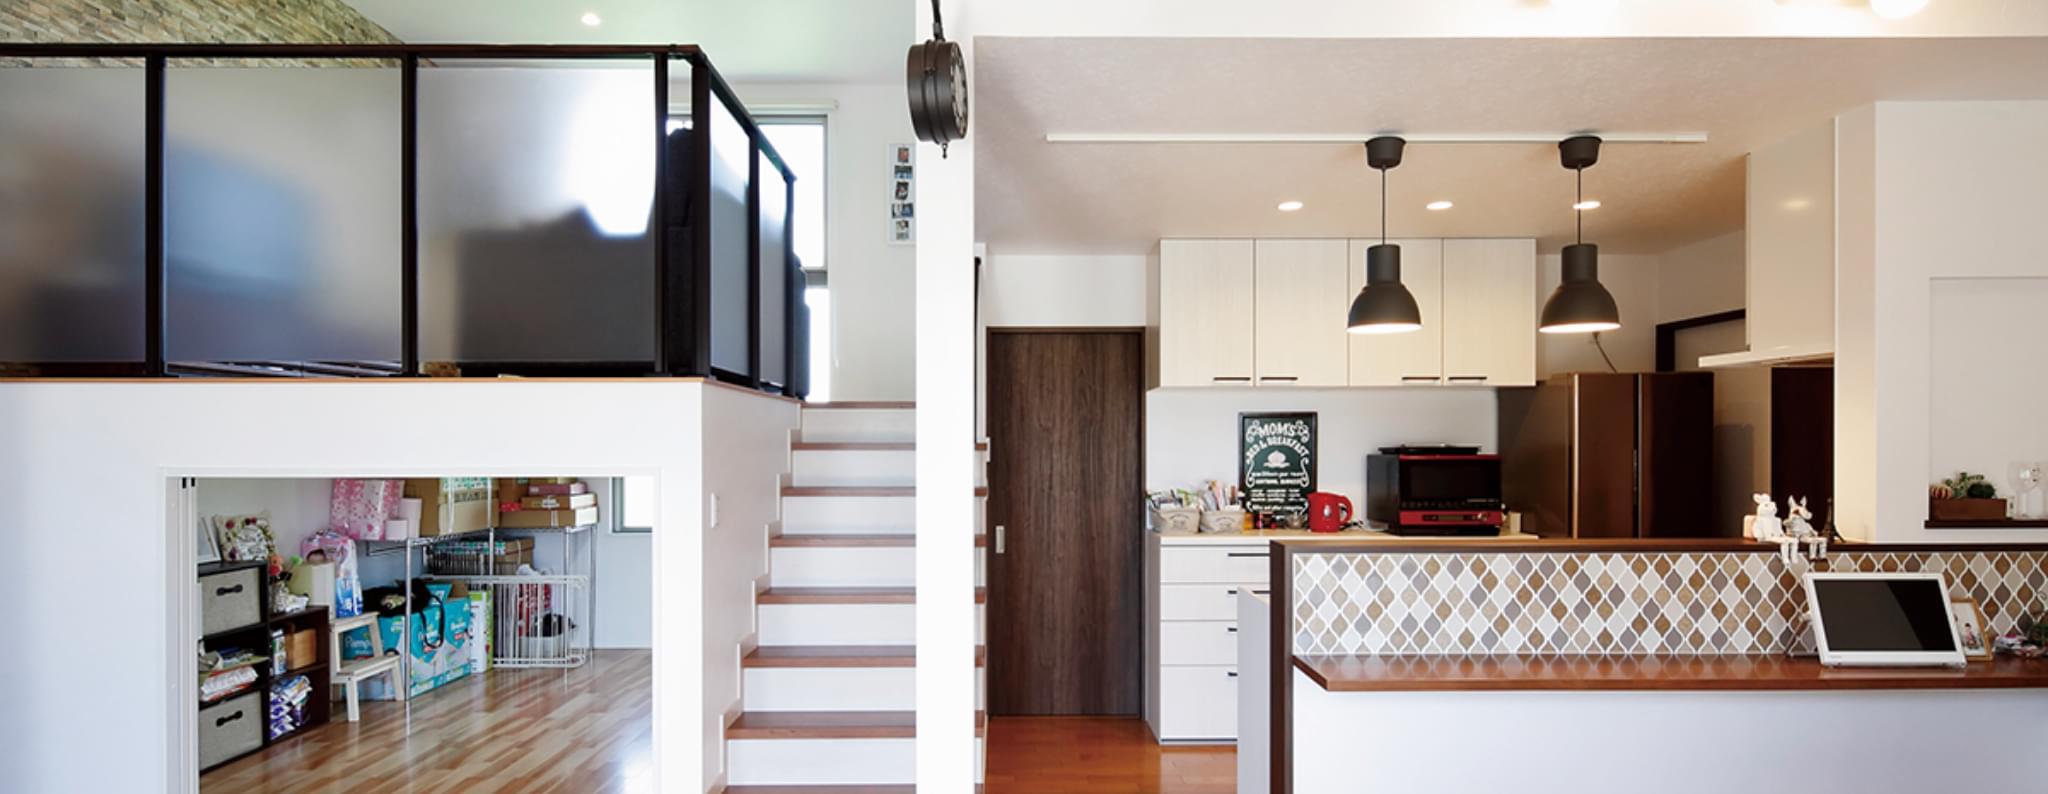 カフェ風のキッチンと大収納のあるスキップフロアのリビング